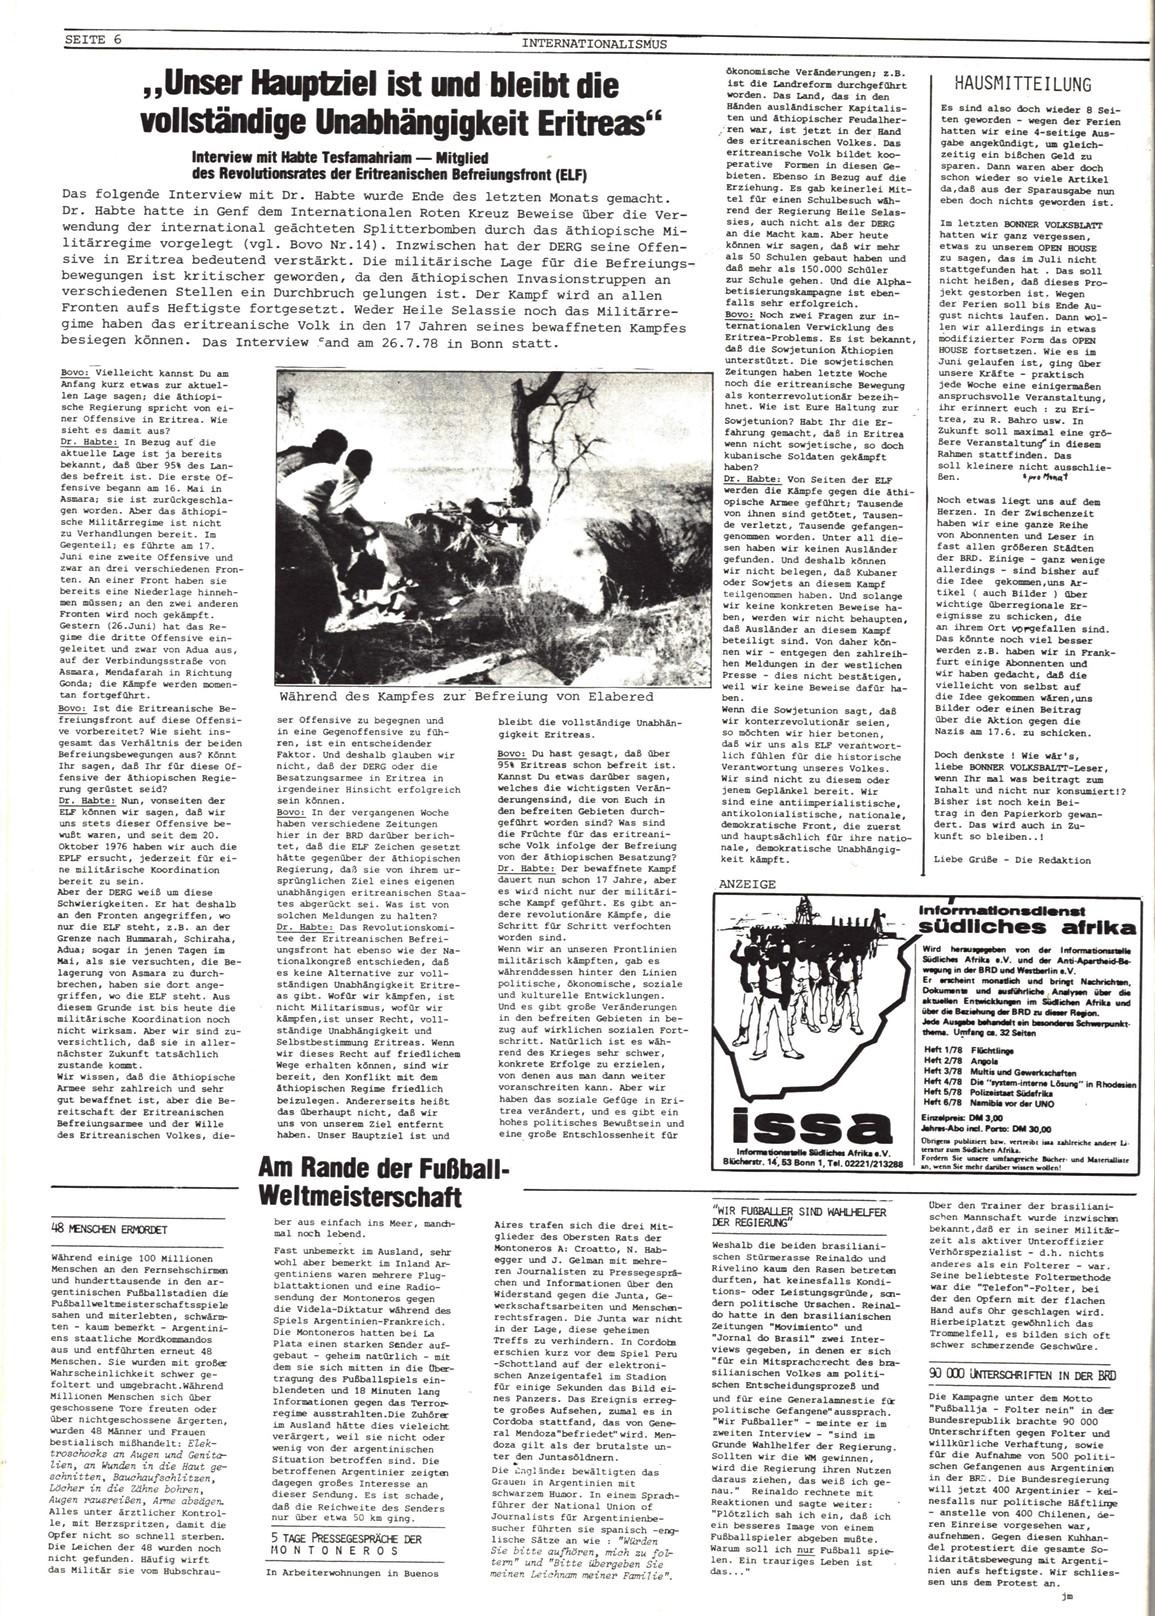 Bonner_Volksblatt_15_19780802_06